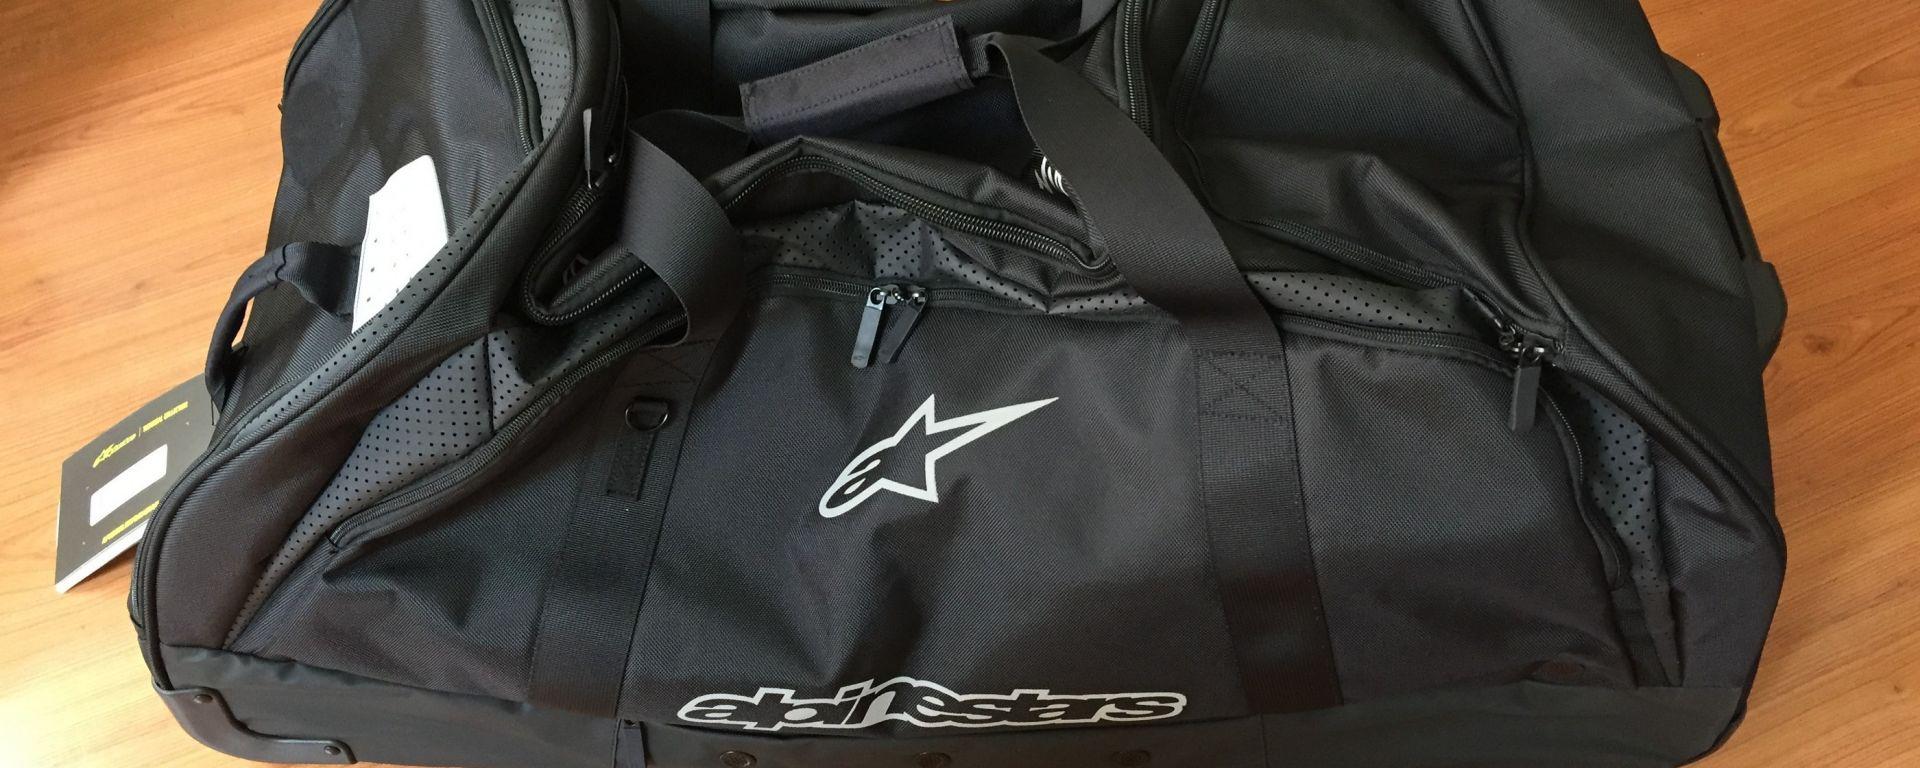 Alpinestars XL Transition Gear Bag: il borsone per grandi carichi